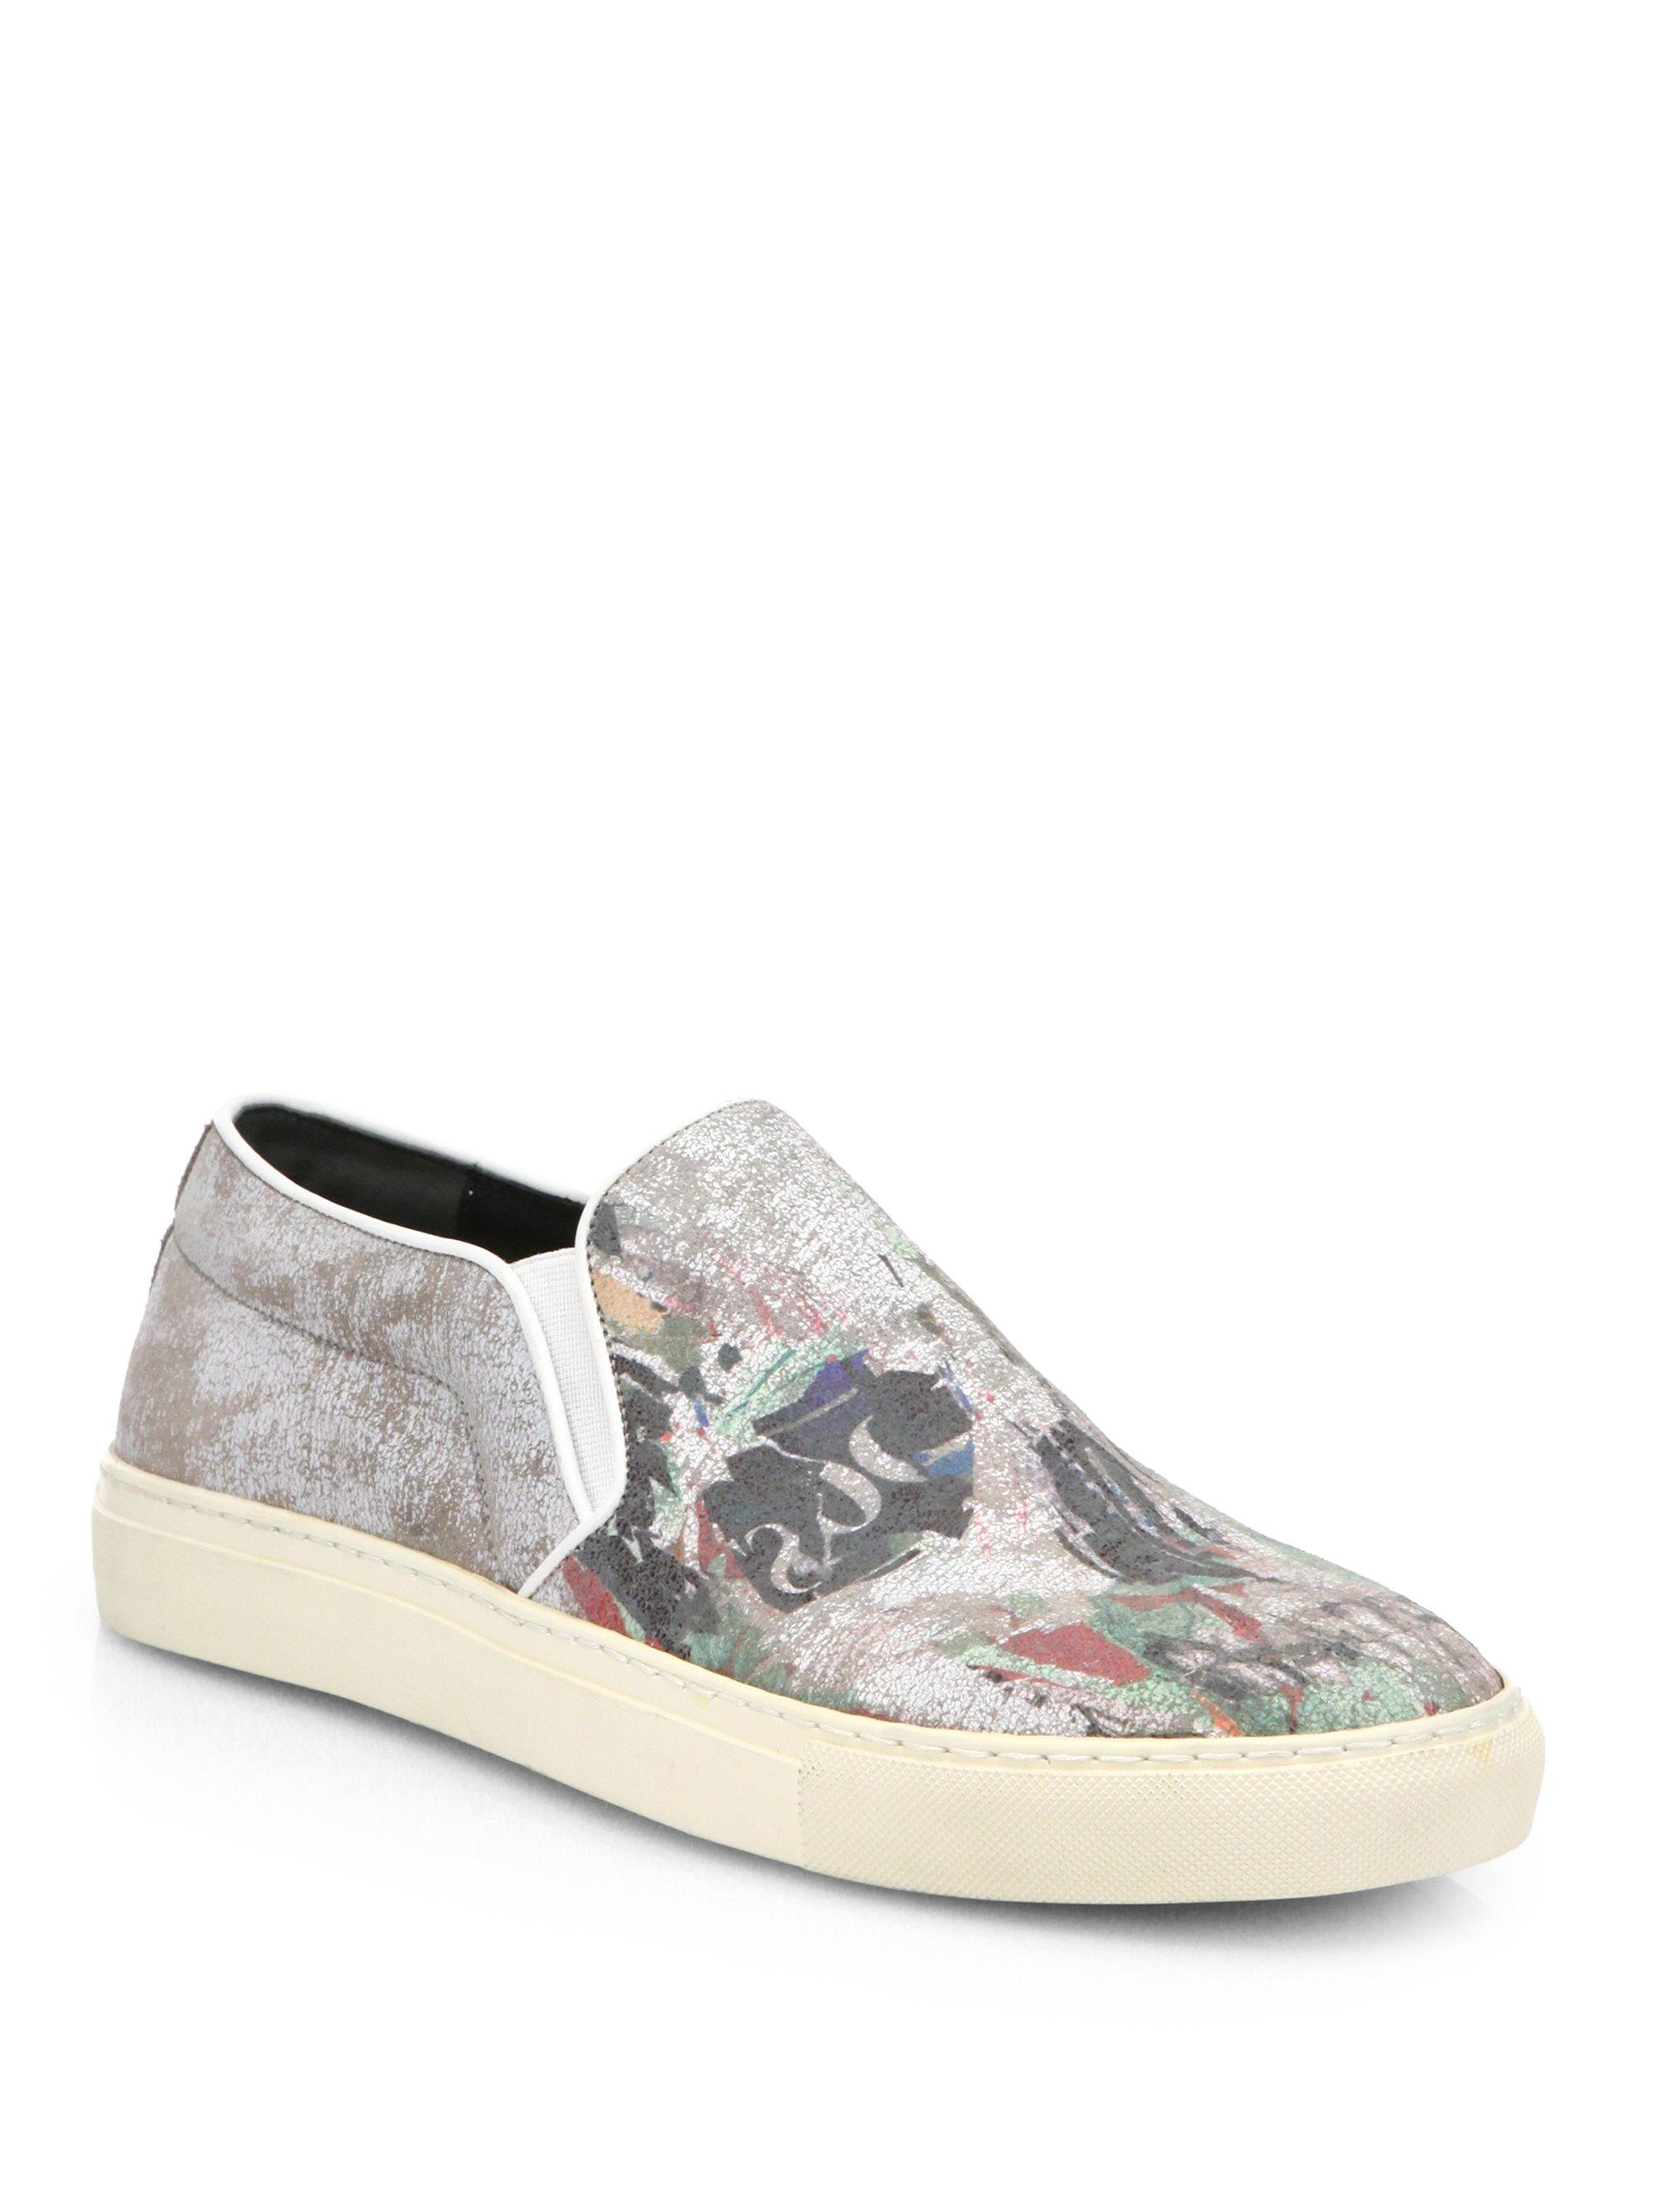 Skull Print Slip On Shoes